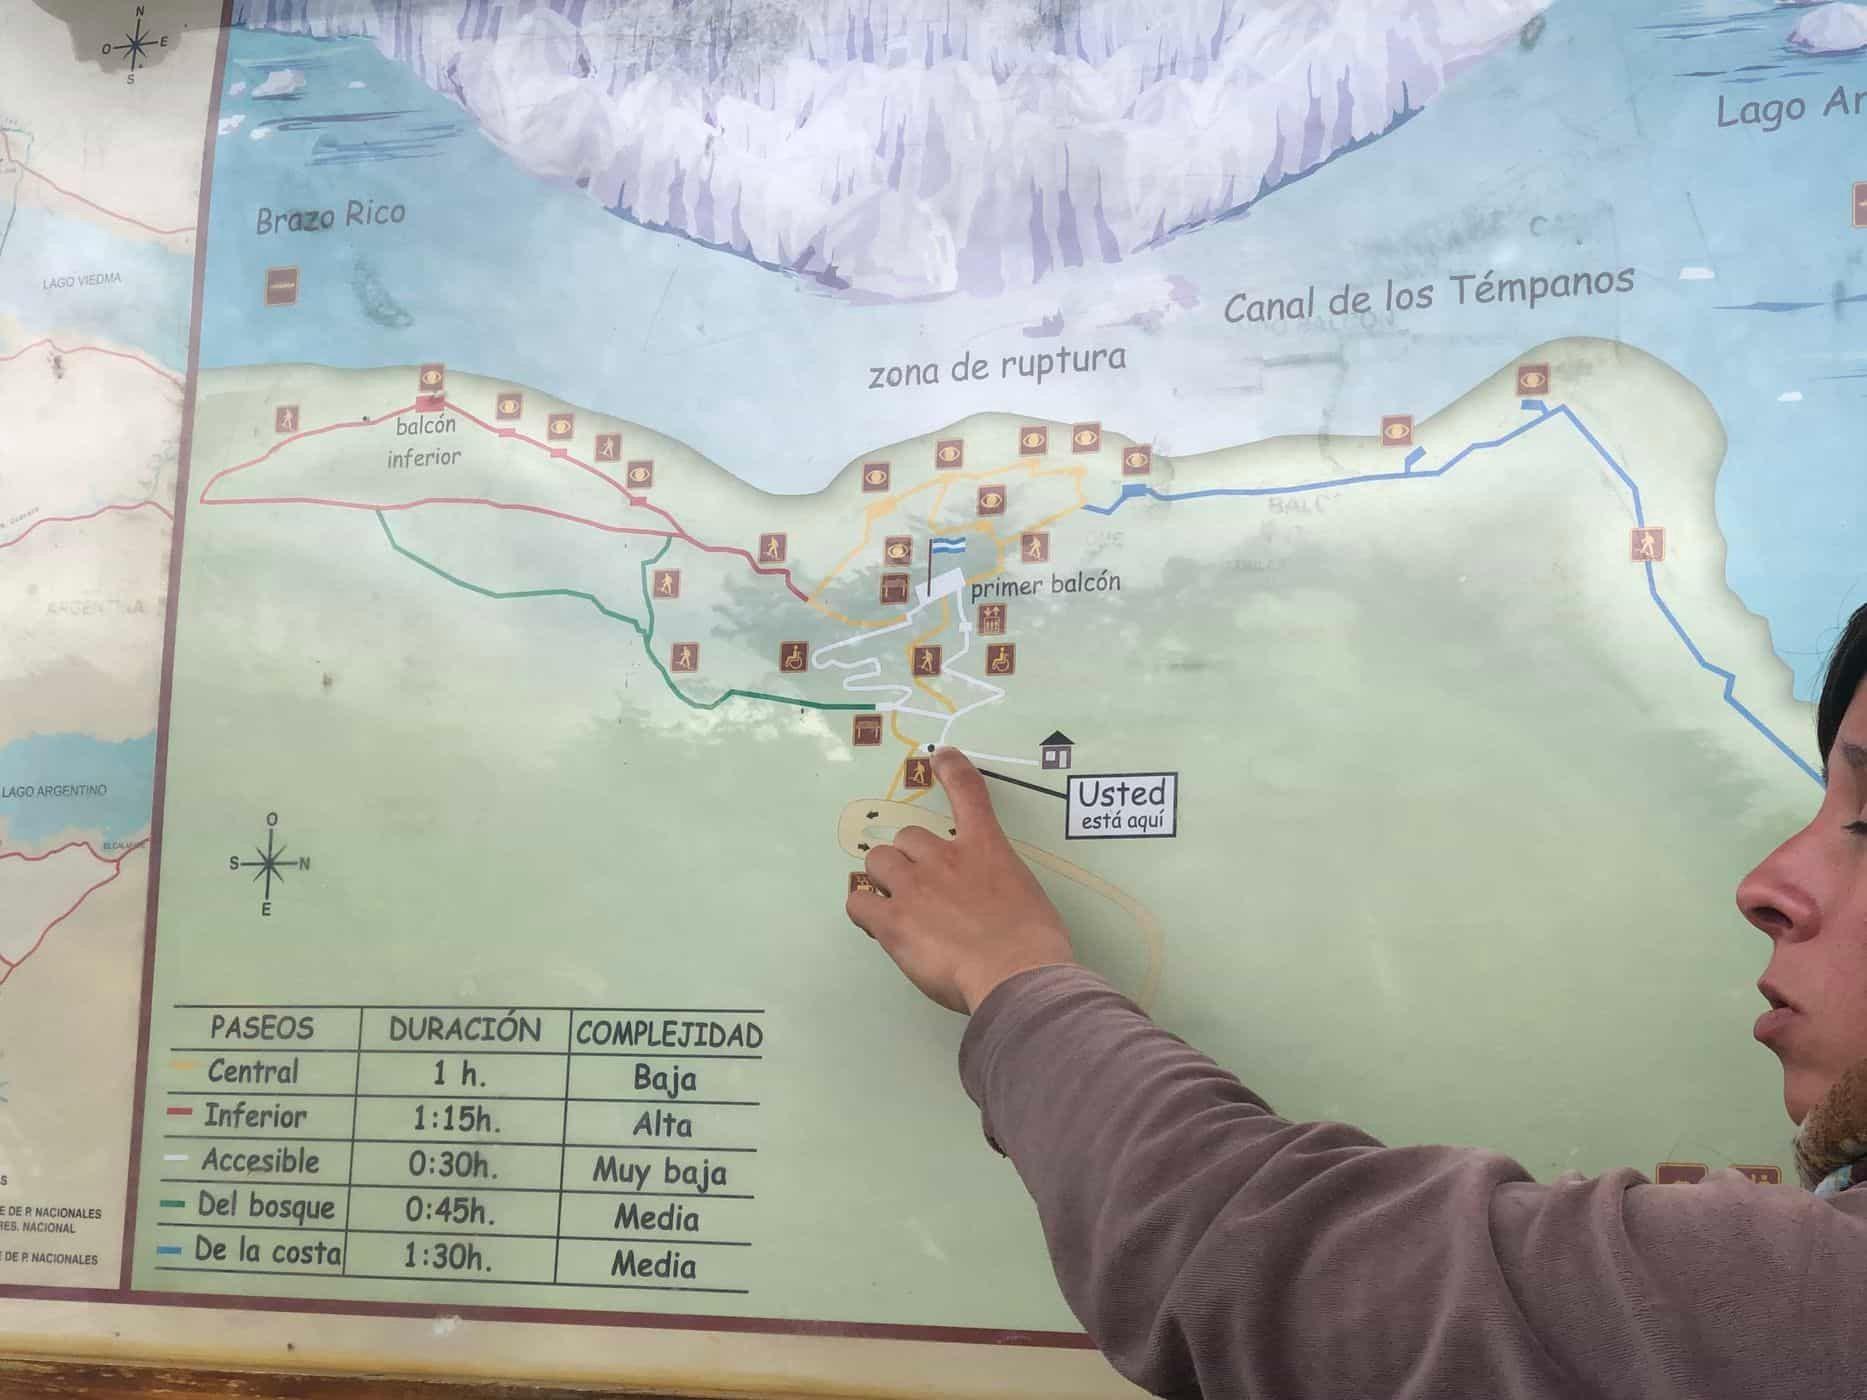 A guide explains the route of the Perito Moreno Glacier trip.